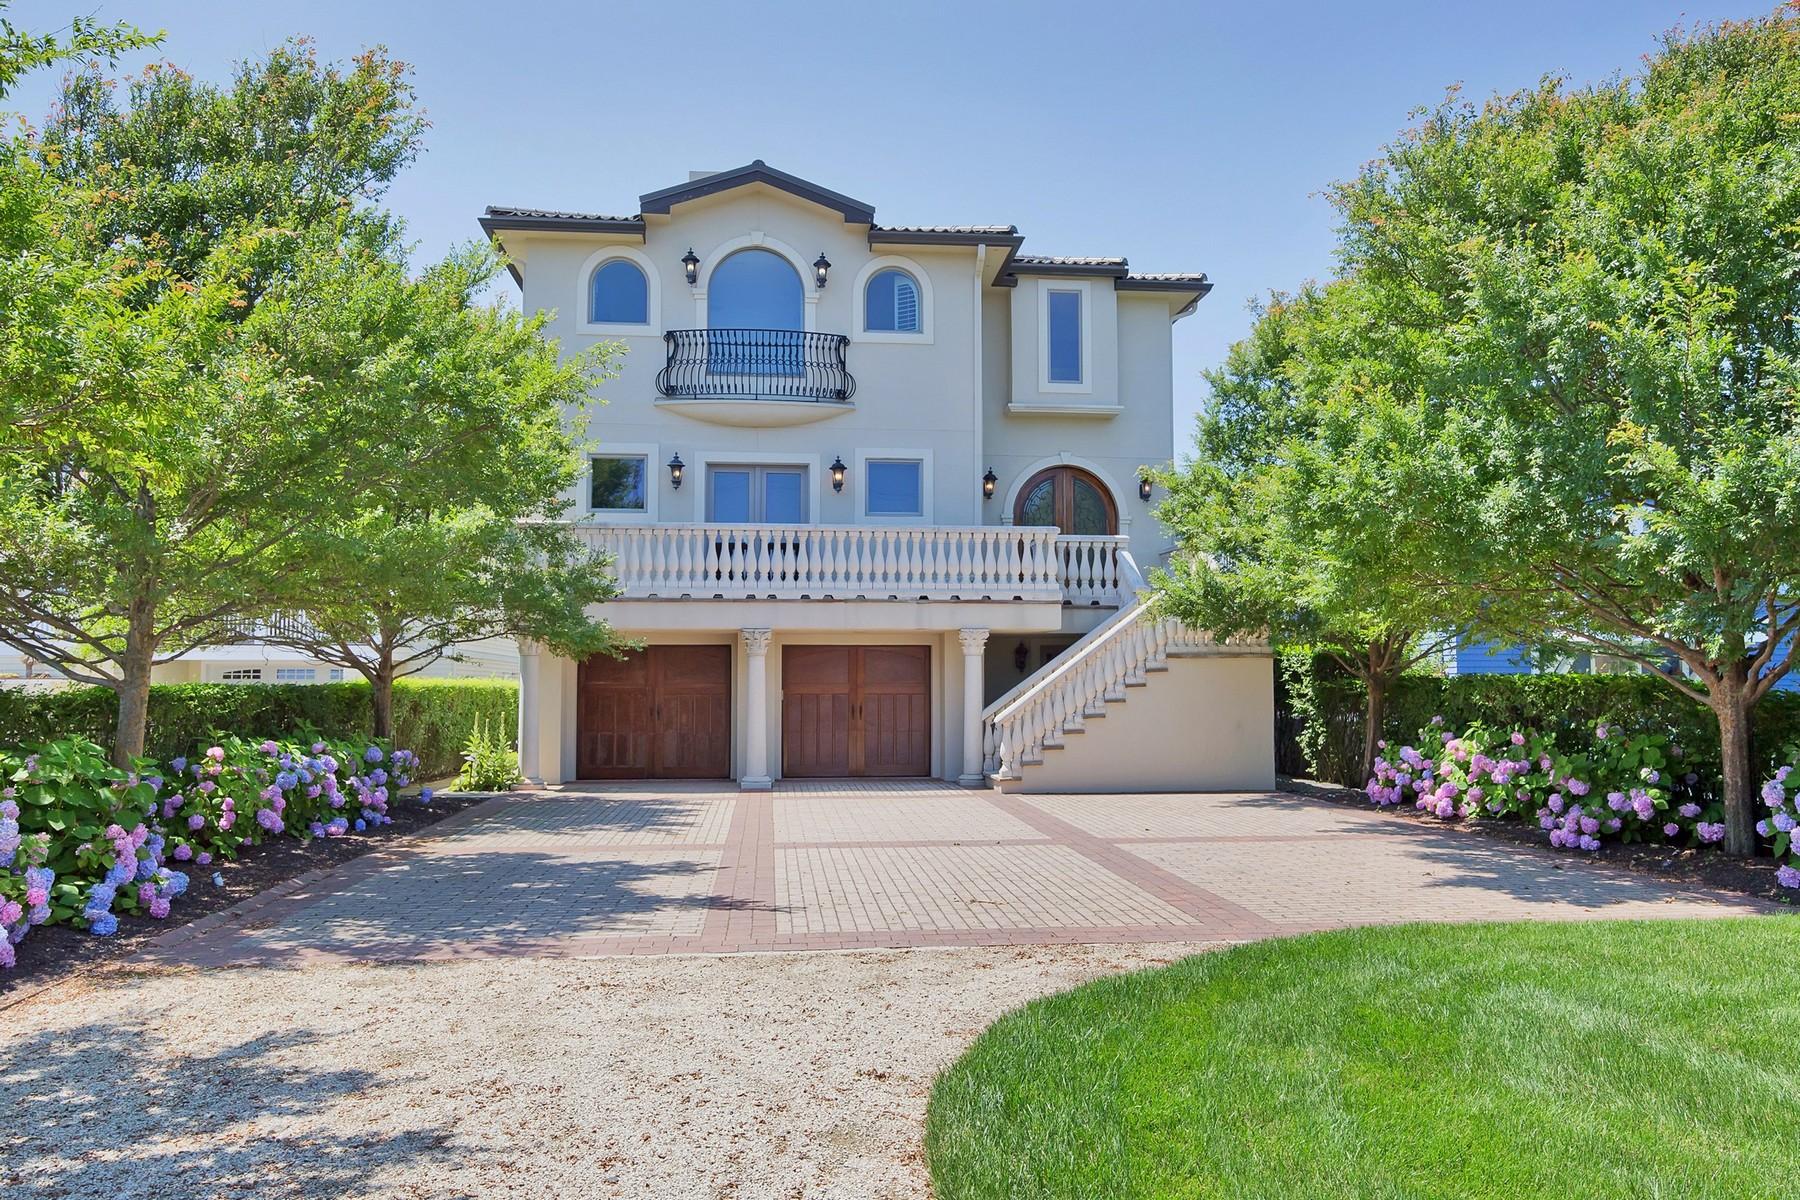 独户住宅 为 销售 在 314 Ocean Ave., Sea Bright Sea Bright, 新泽西州 07760 美国